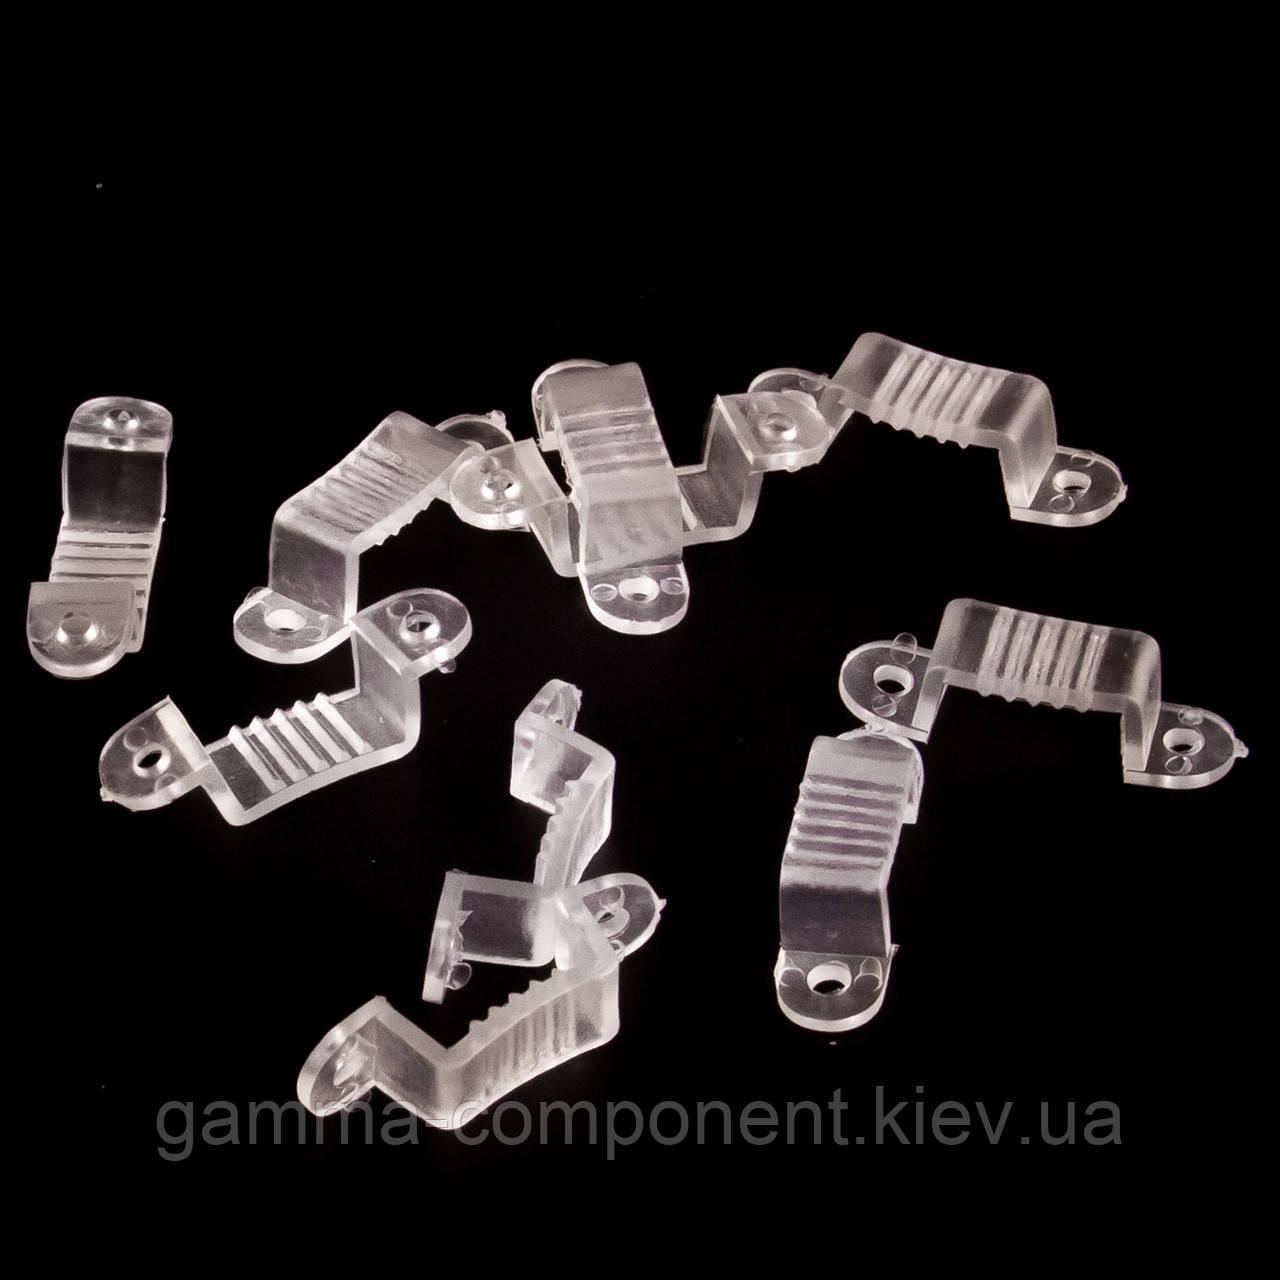 Монтажная клипса для светодиодной ленты 220В AVT smd 2835-120 лед/м